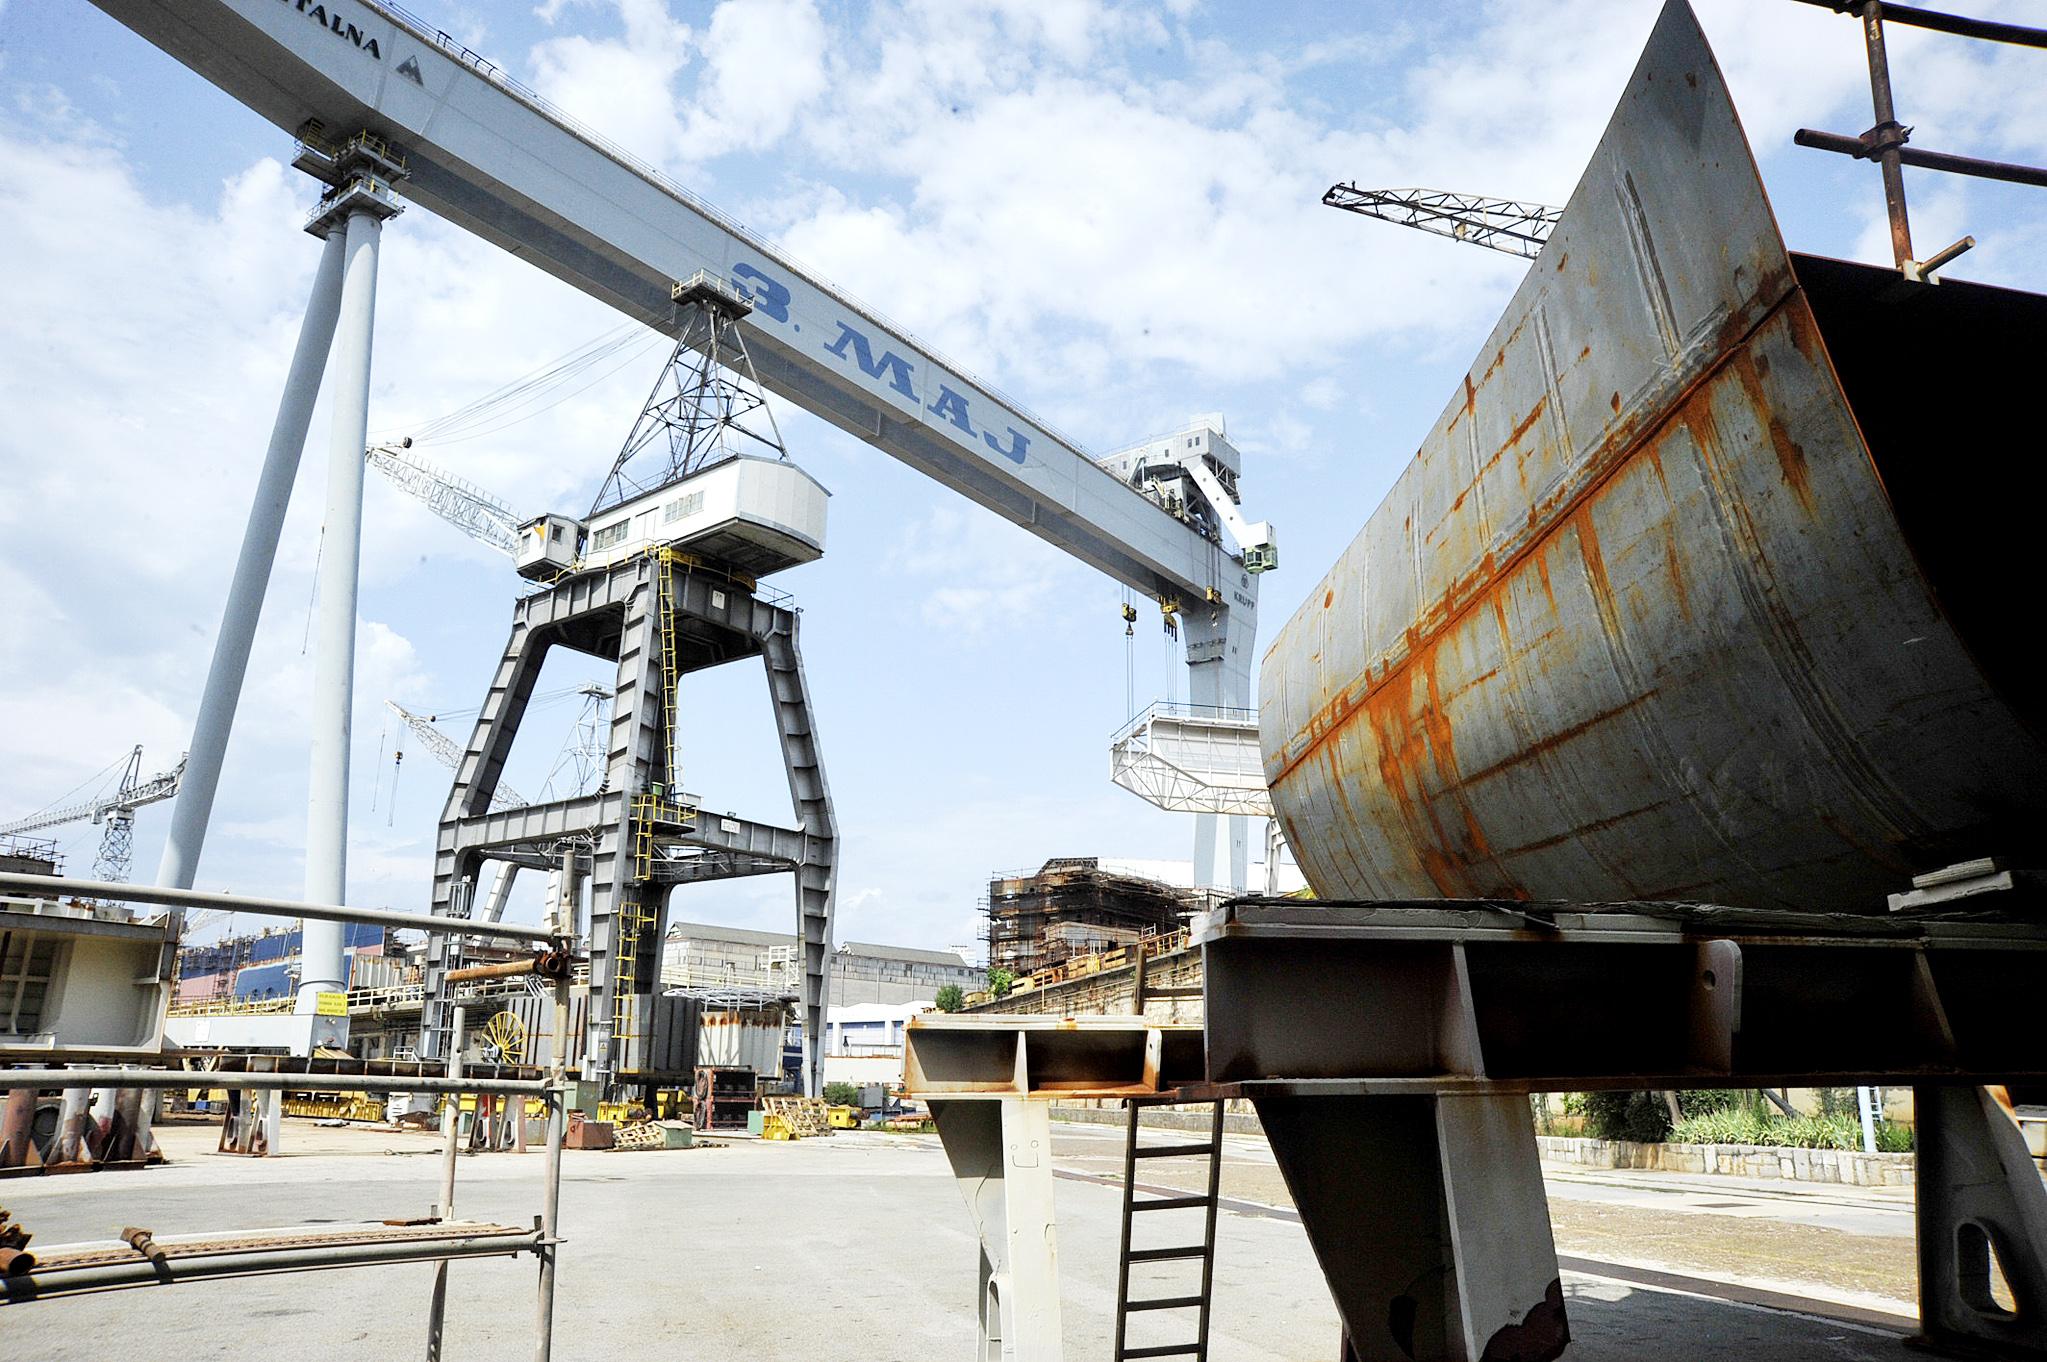 Ukoliko Vlada podrži plan gradnje brodova »3. maj« će ponovo preplaviti radnici / Snimio Sergej DRECHSLER